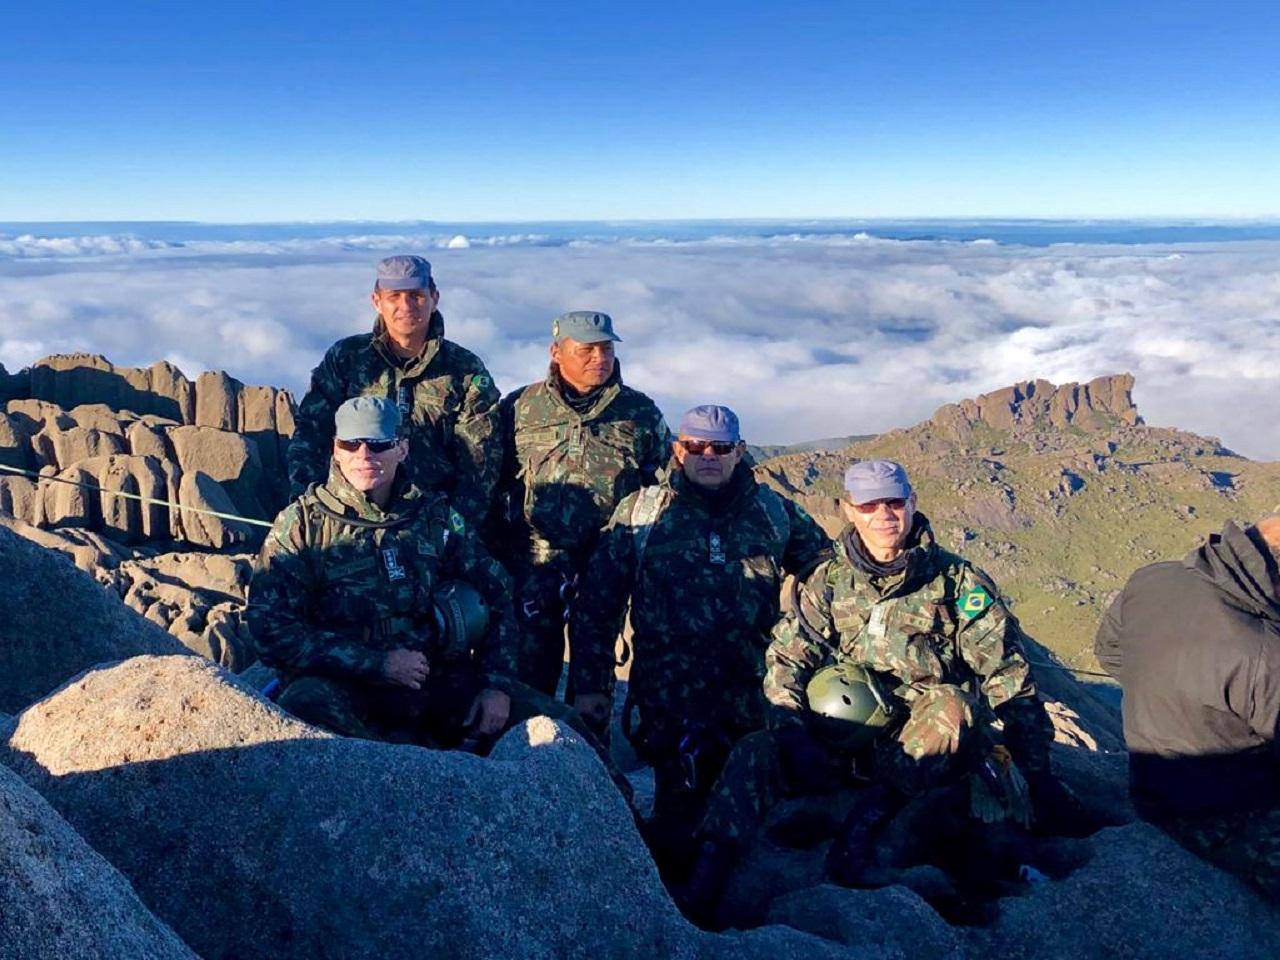 Comando da Brigada de Montanha acompanha os cadetes em escalada ao pico das Agulhas Negras